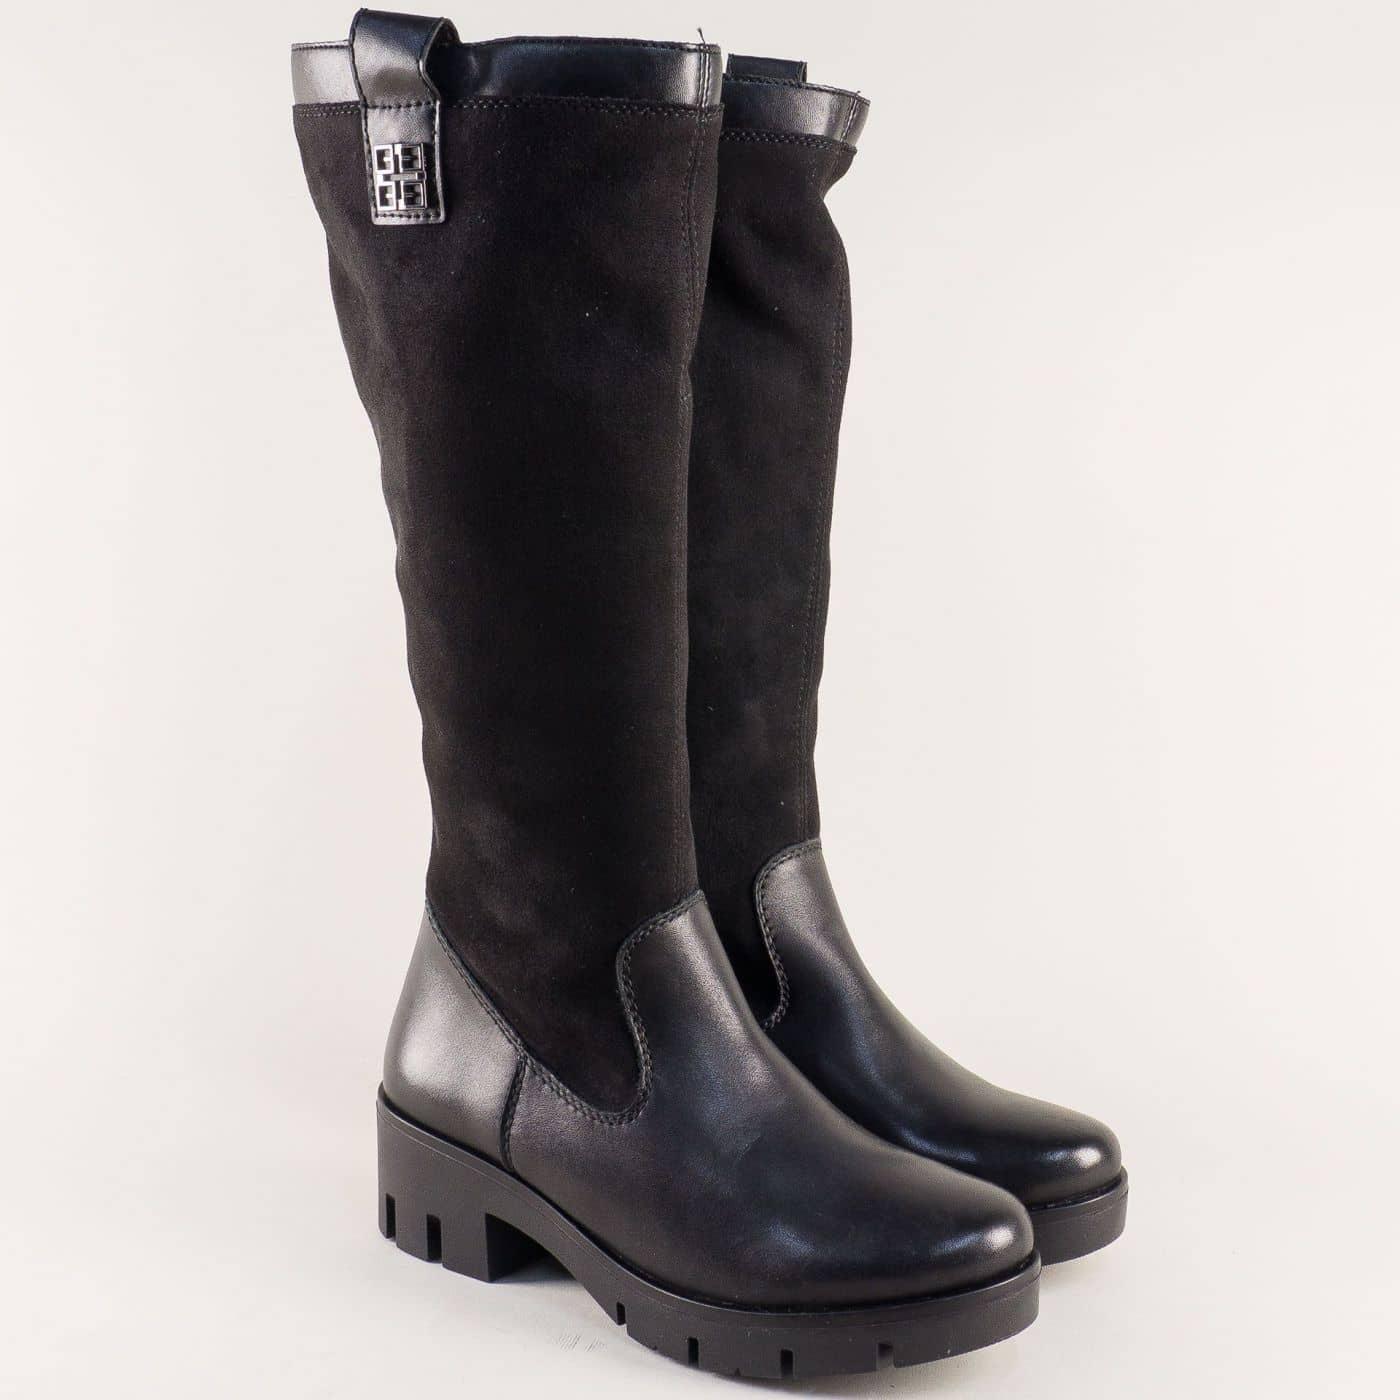 a45f6d41650 Дамски ботуши на нисък ток с грайфер в черен цвят x2051vch - Sisi-bg.com